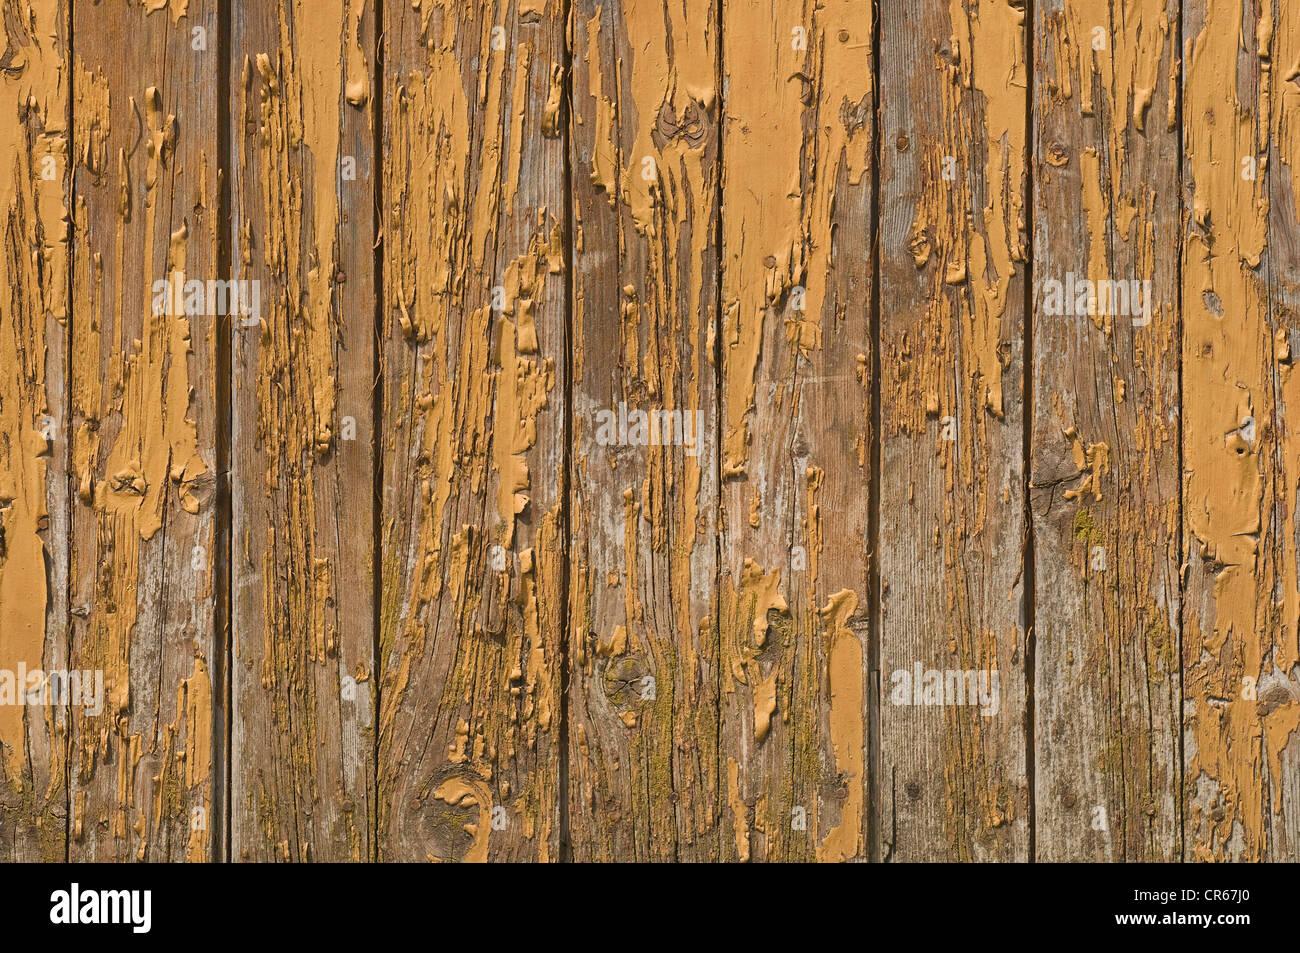 Vieux mur en bois avec peinture altérée Photo Stock